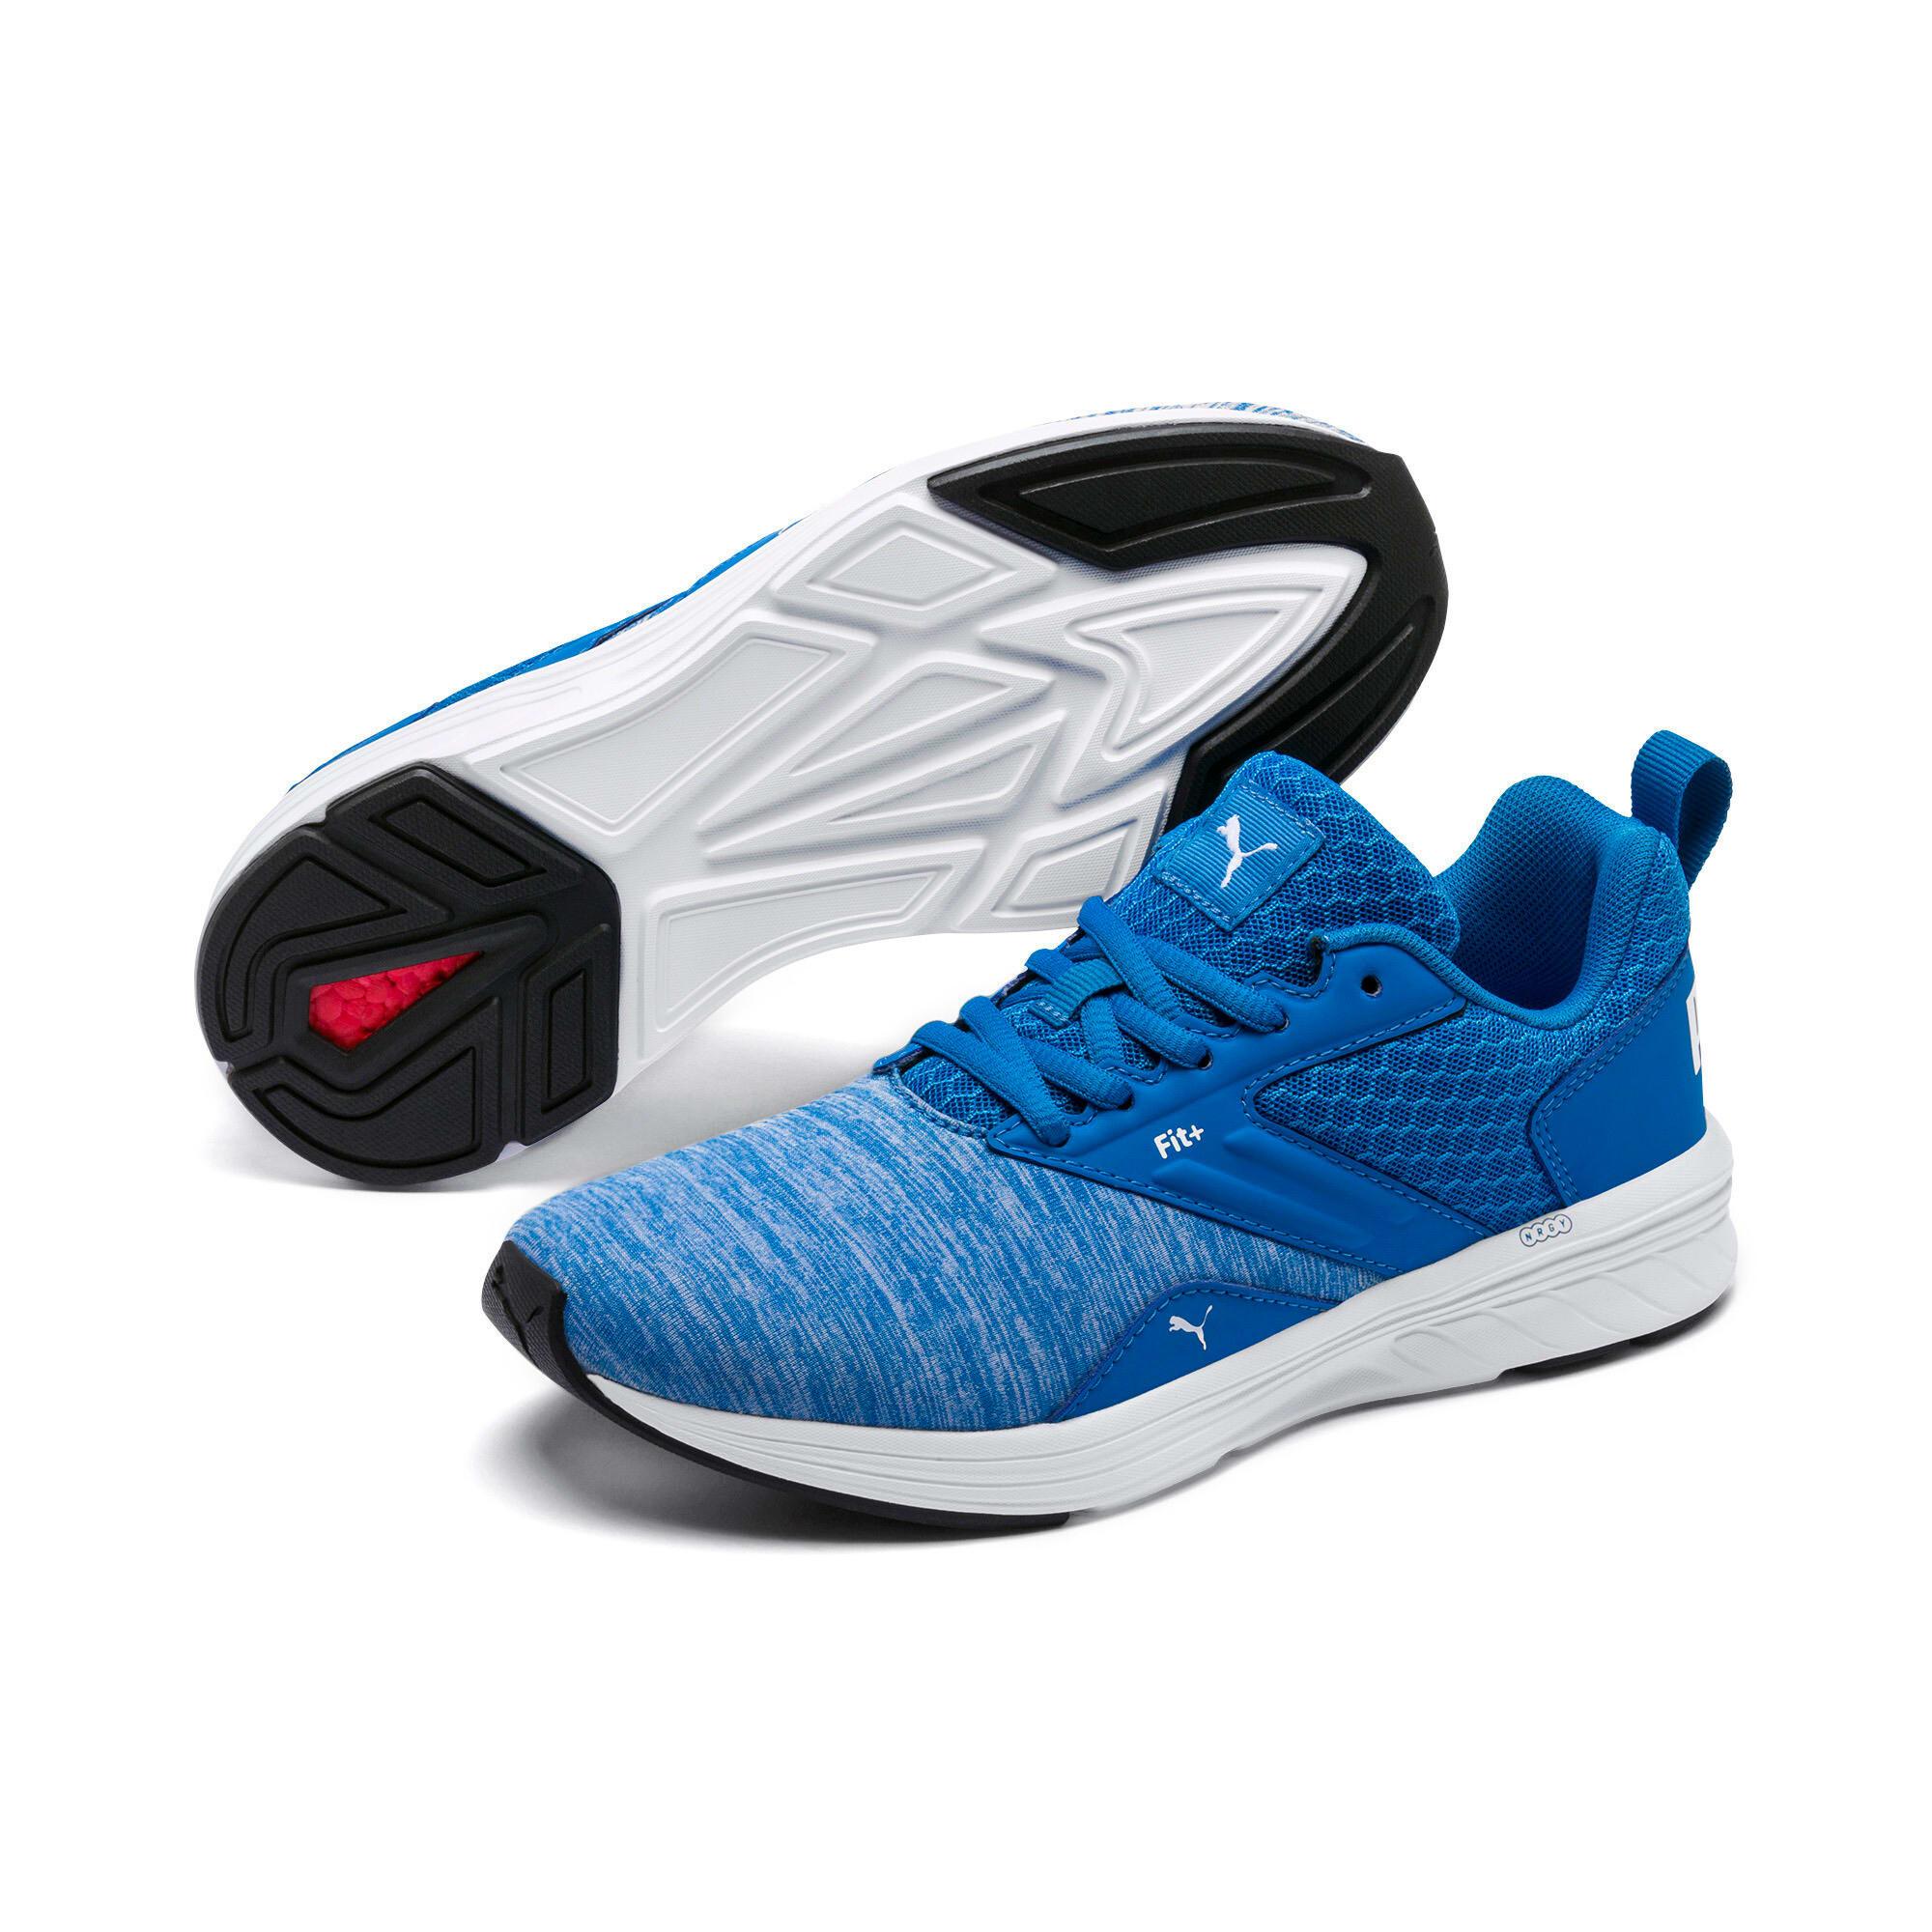 Thumbnail 3 of NRGY Comet Kids' Training Shoes, Indigo Bunting-Puma White, medium-IND